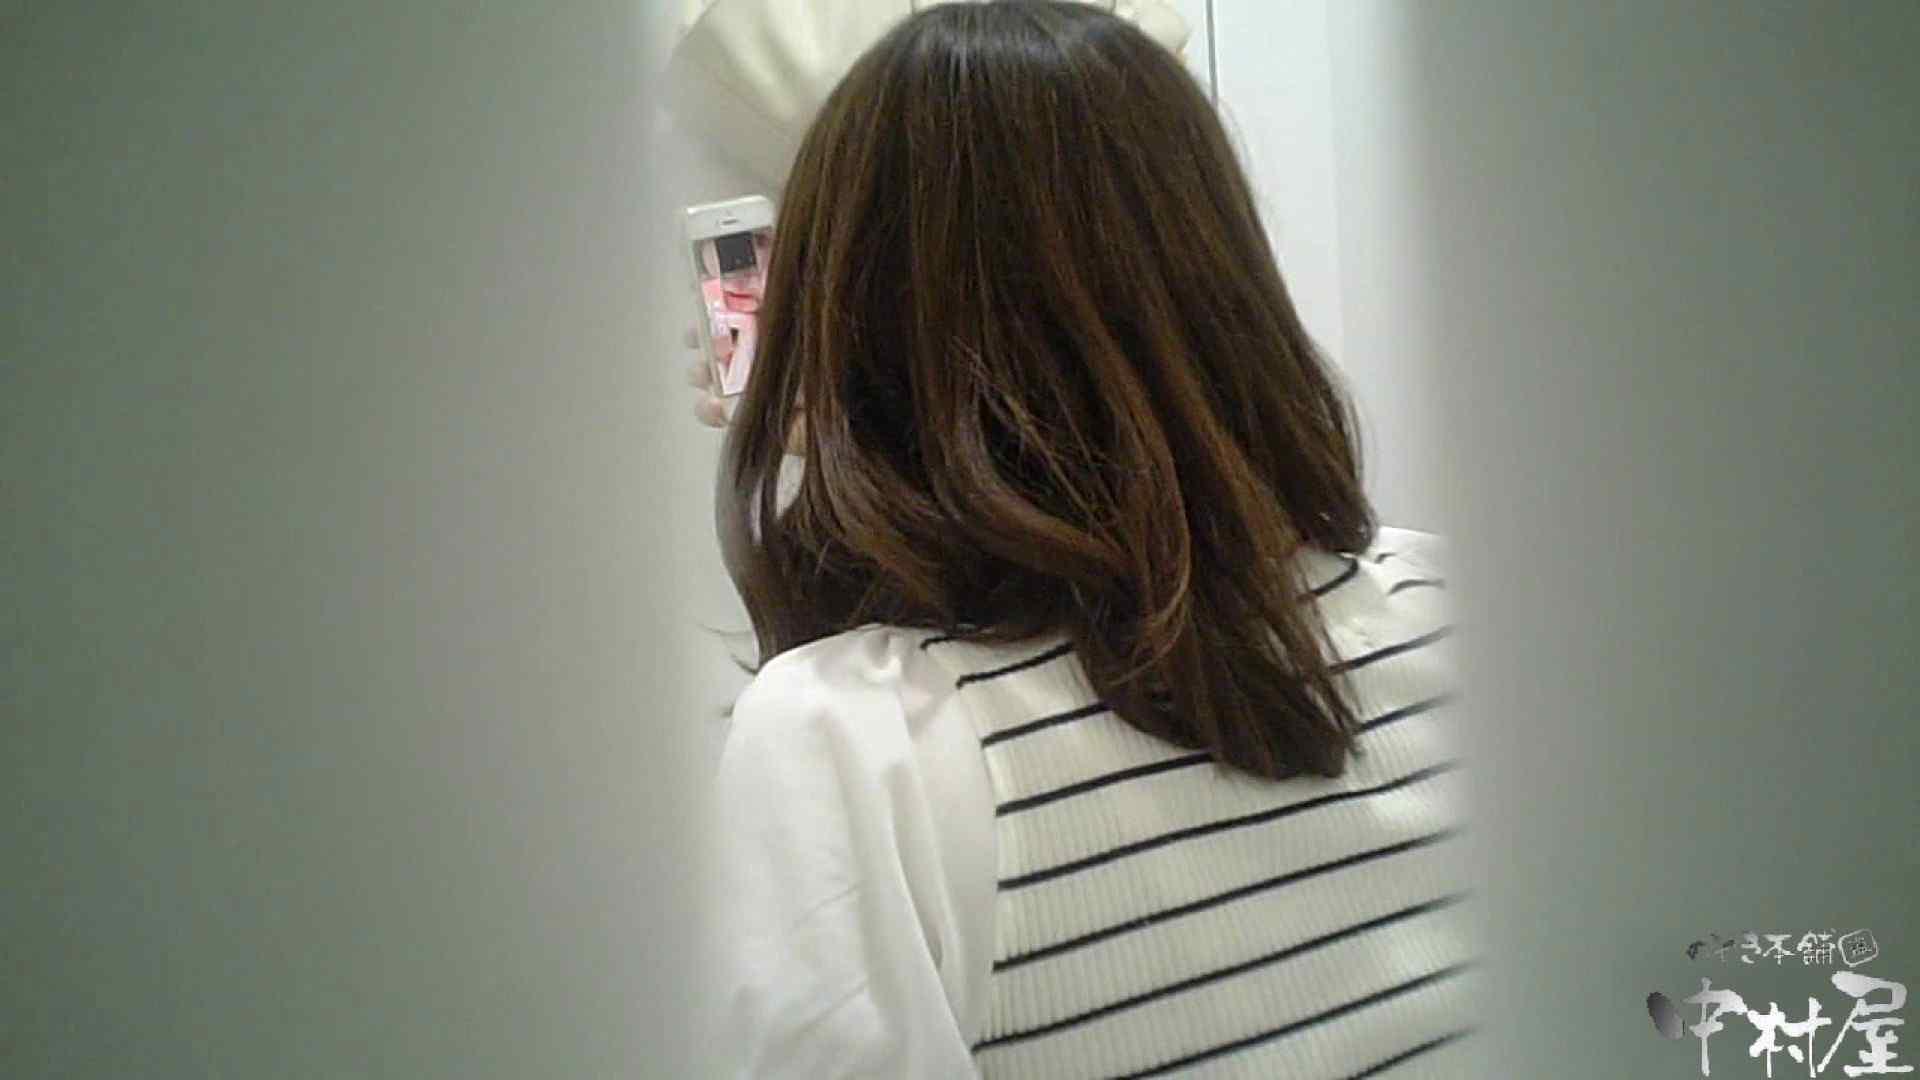 【某有名大学女性洗面所】有名大学女性洗面所 vol.37 ついでにアンダーヘアーの状態確認ですね。 潜入 オマンコ動画キャプチャ 11枚 2